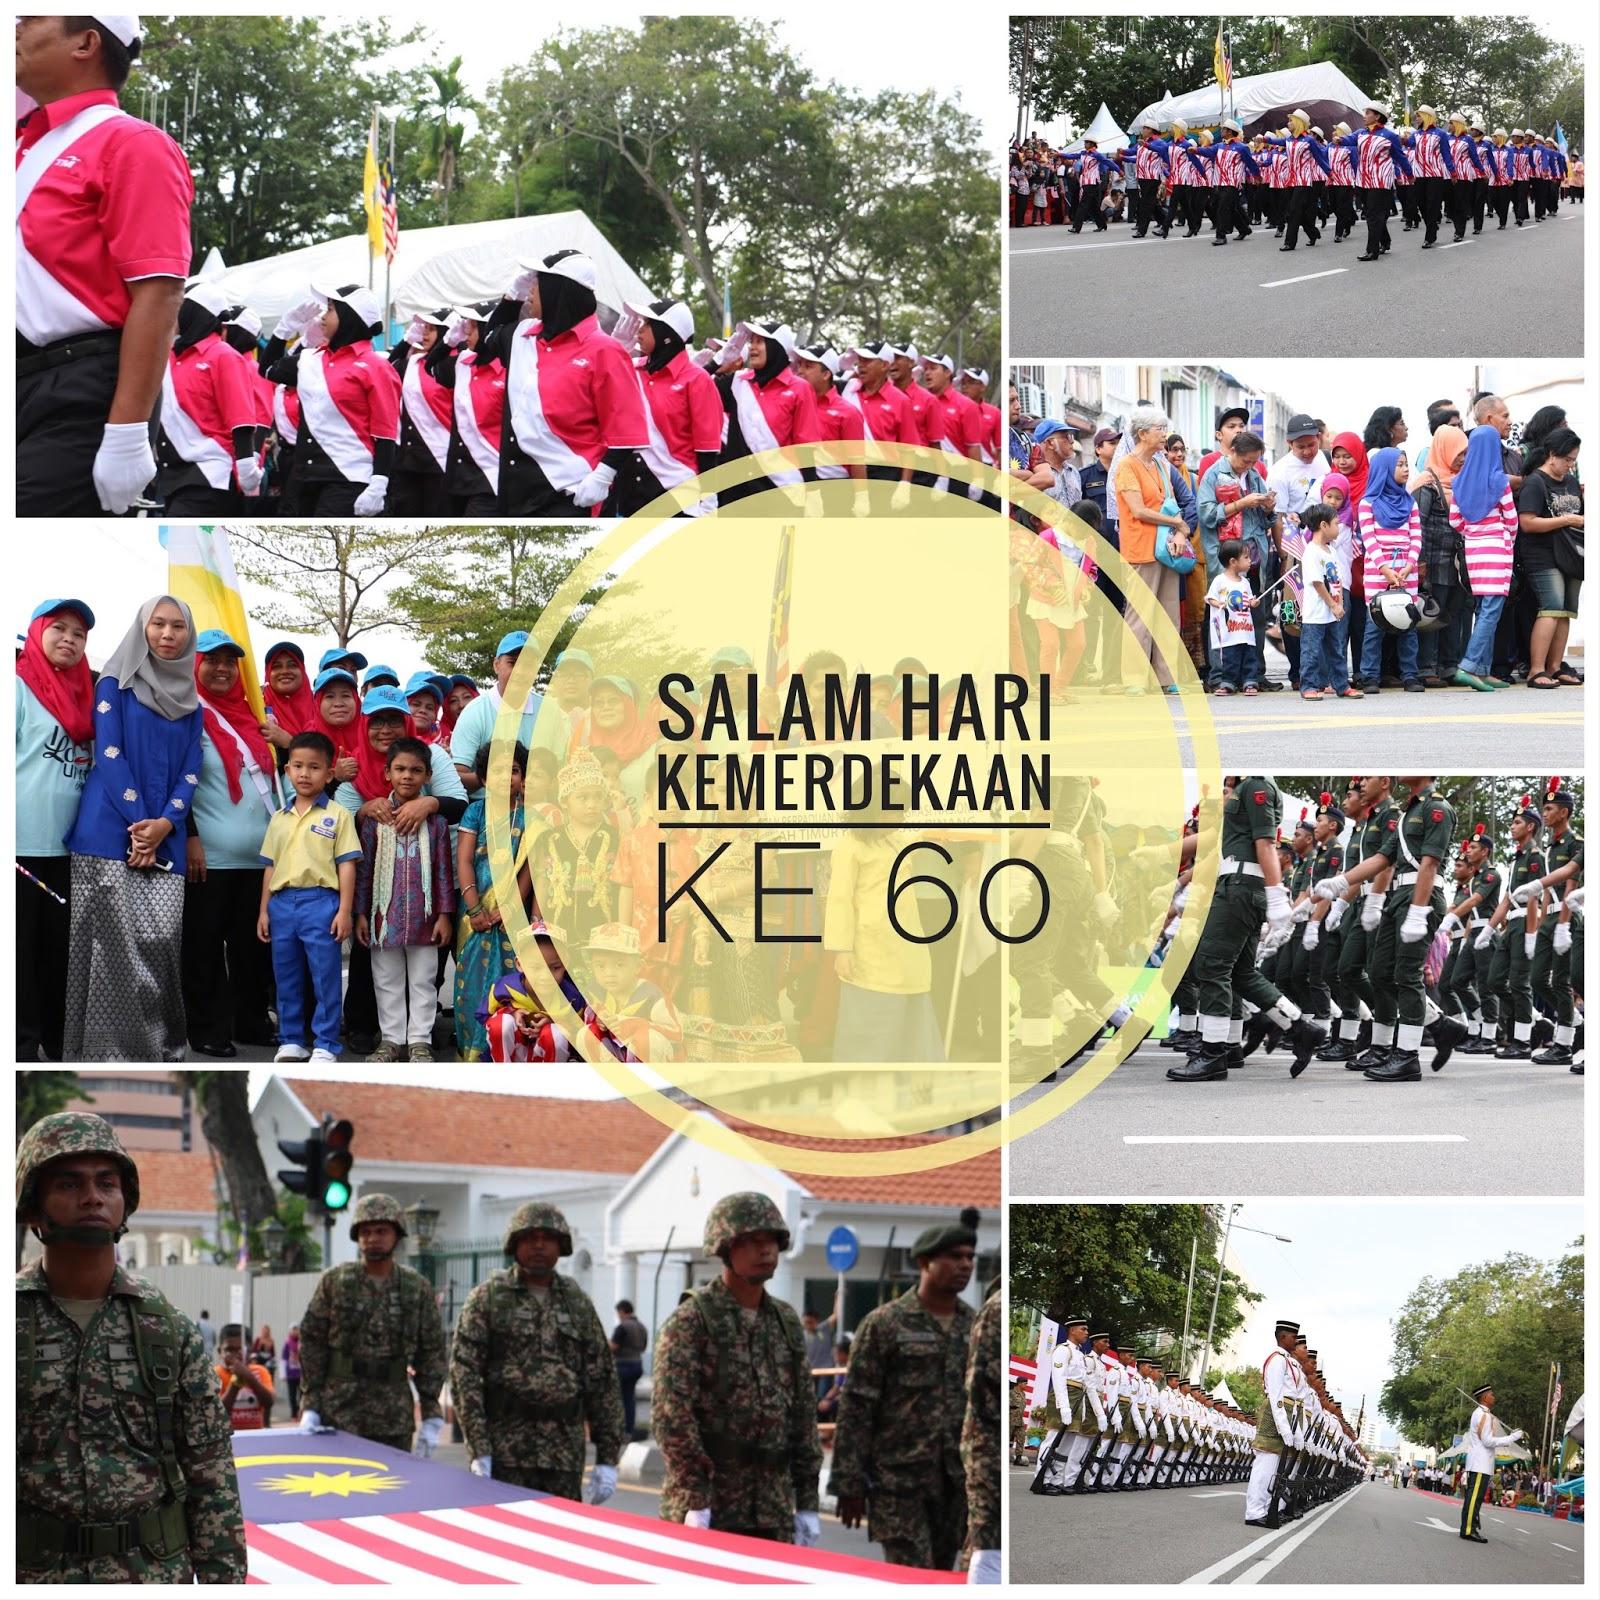 sambutan hari merdeka, 60 tahun kemerdekaan malaysia